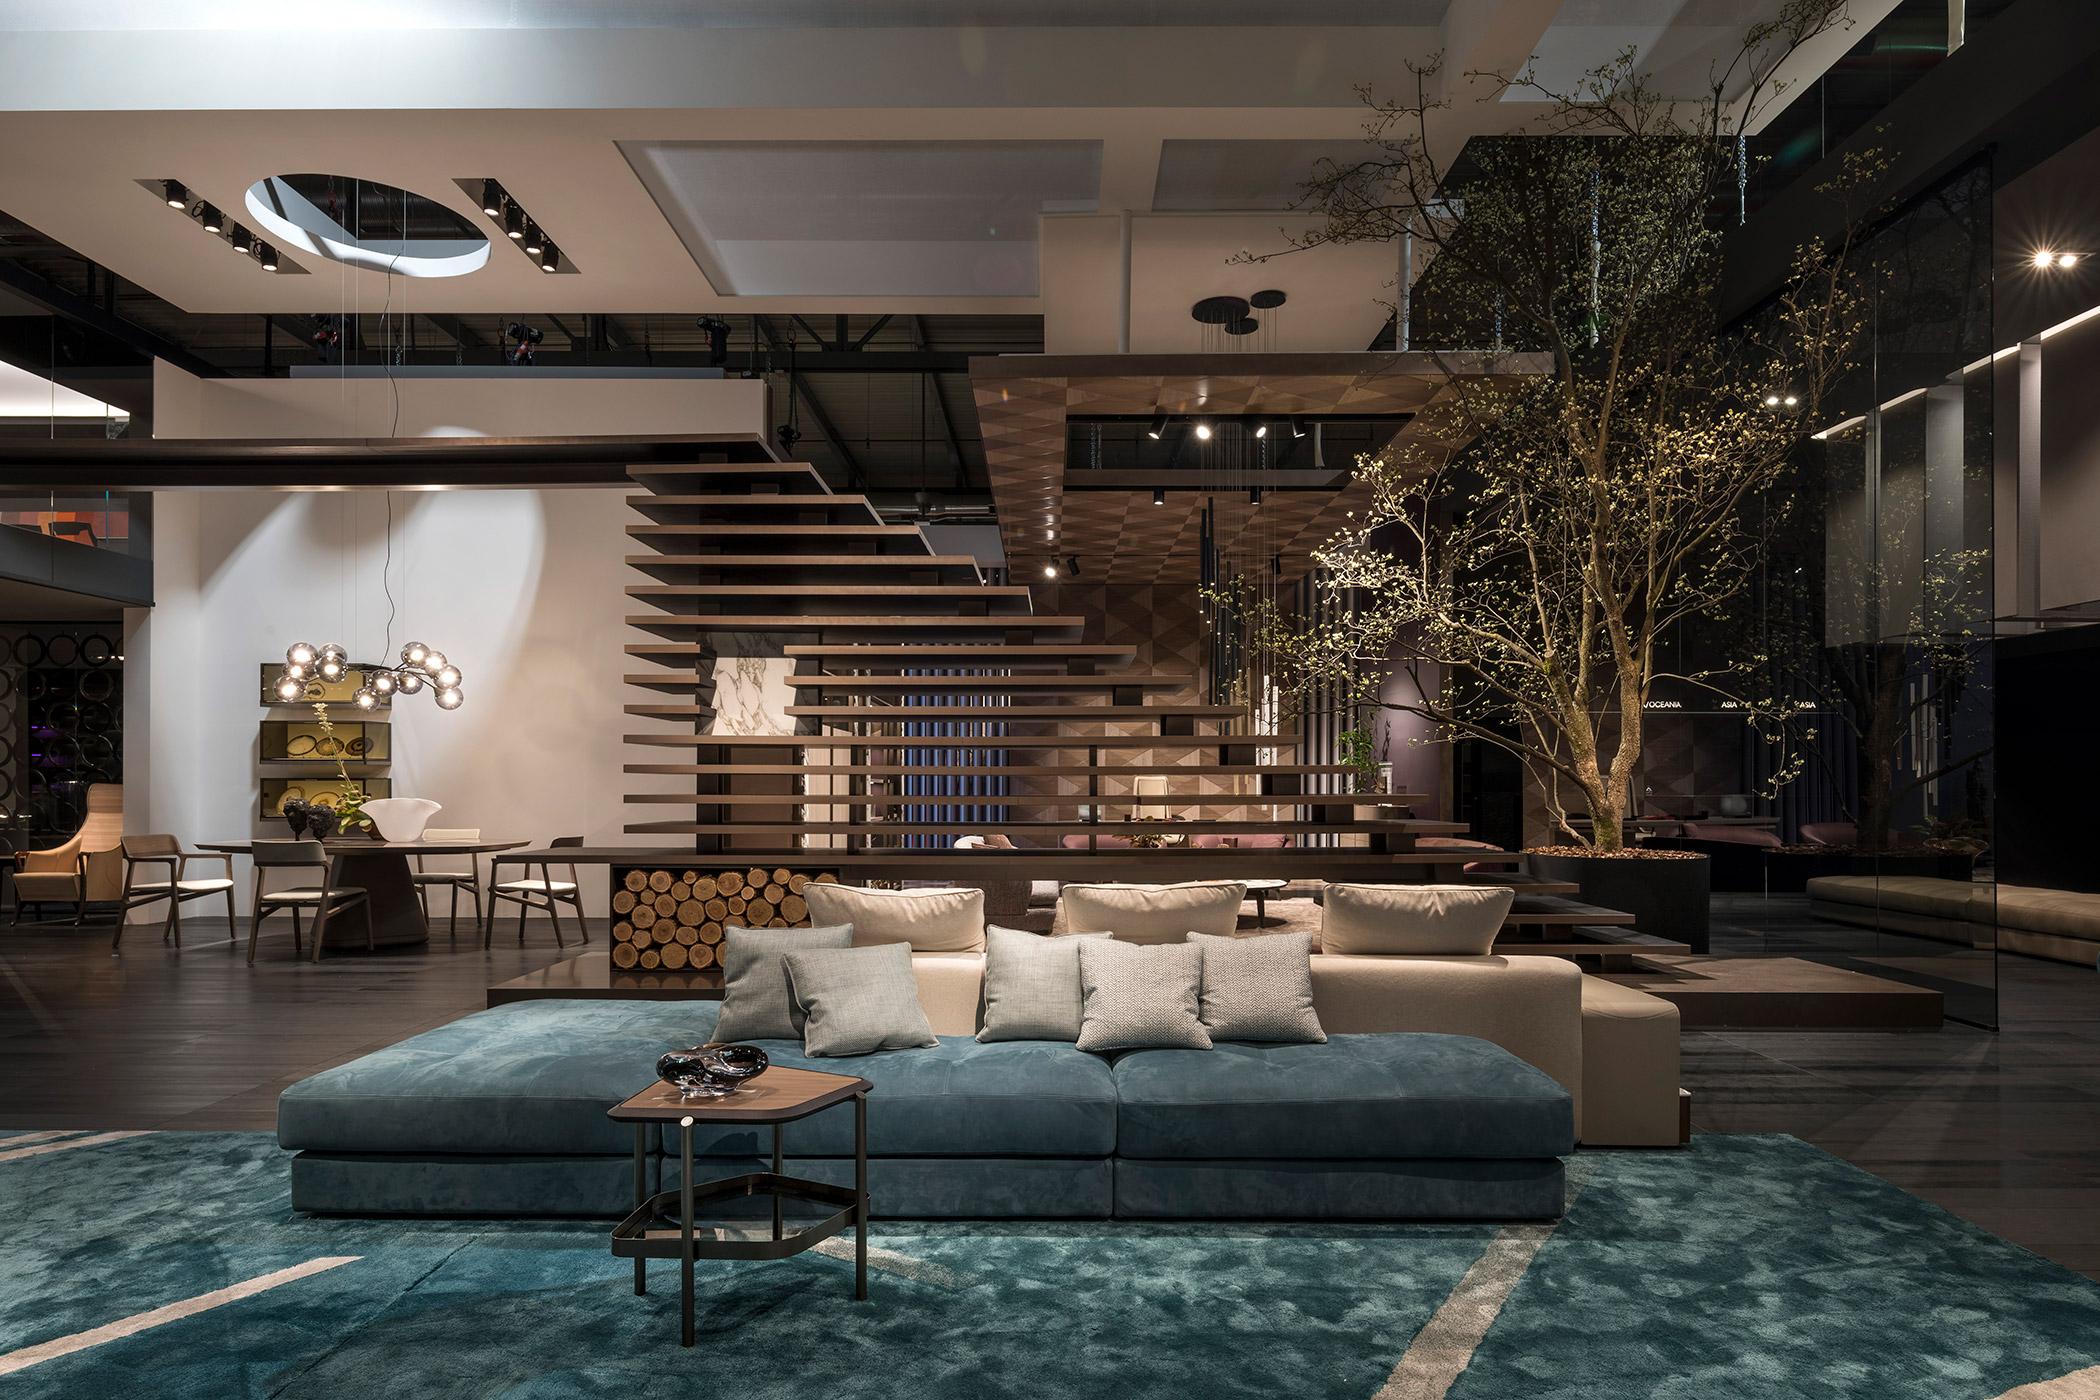 3–Giorgetti-Salone-Mobile-2019-da-Lorenzo